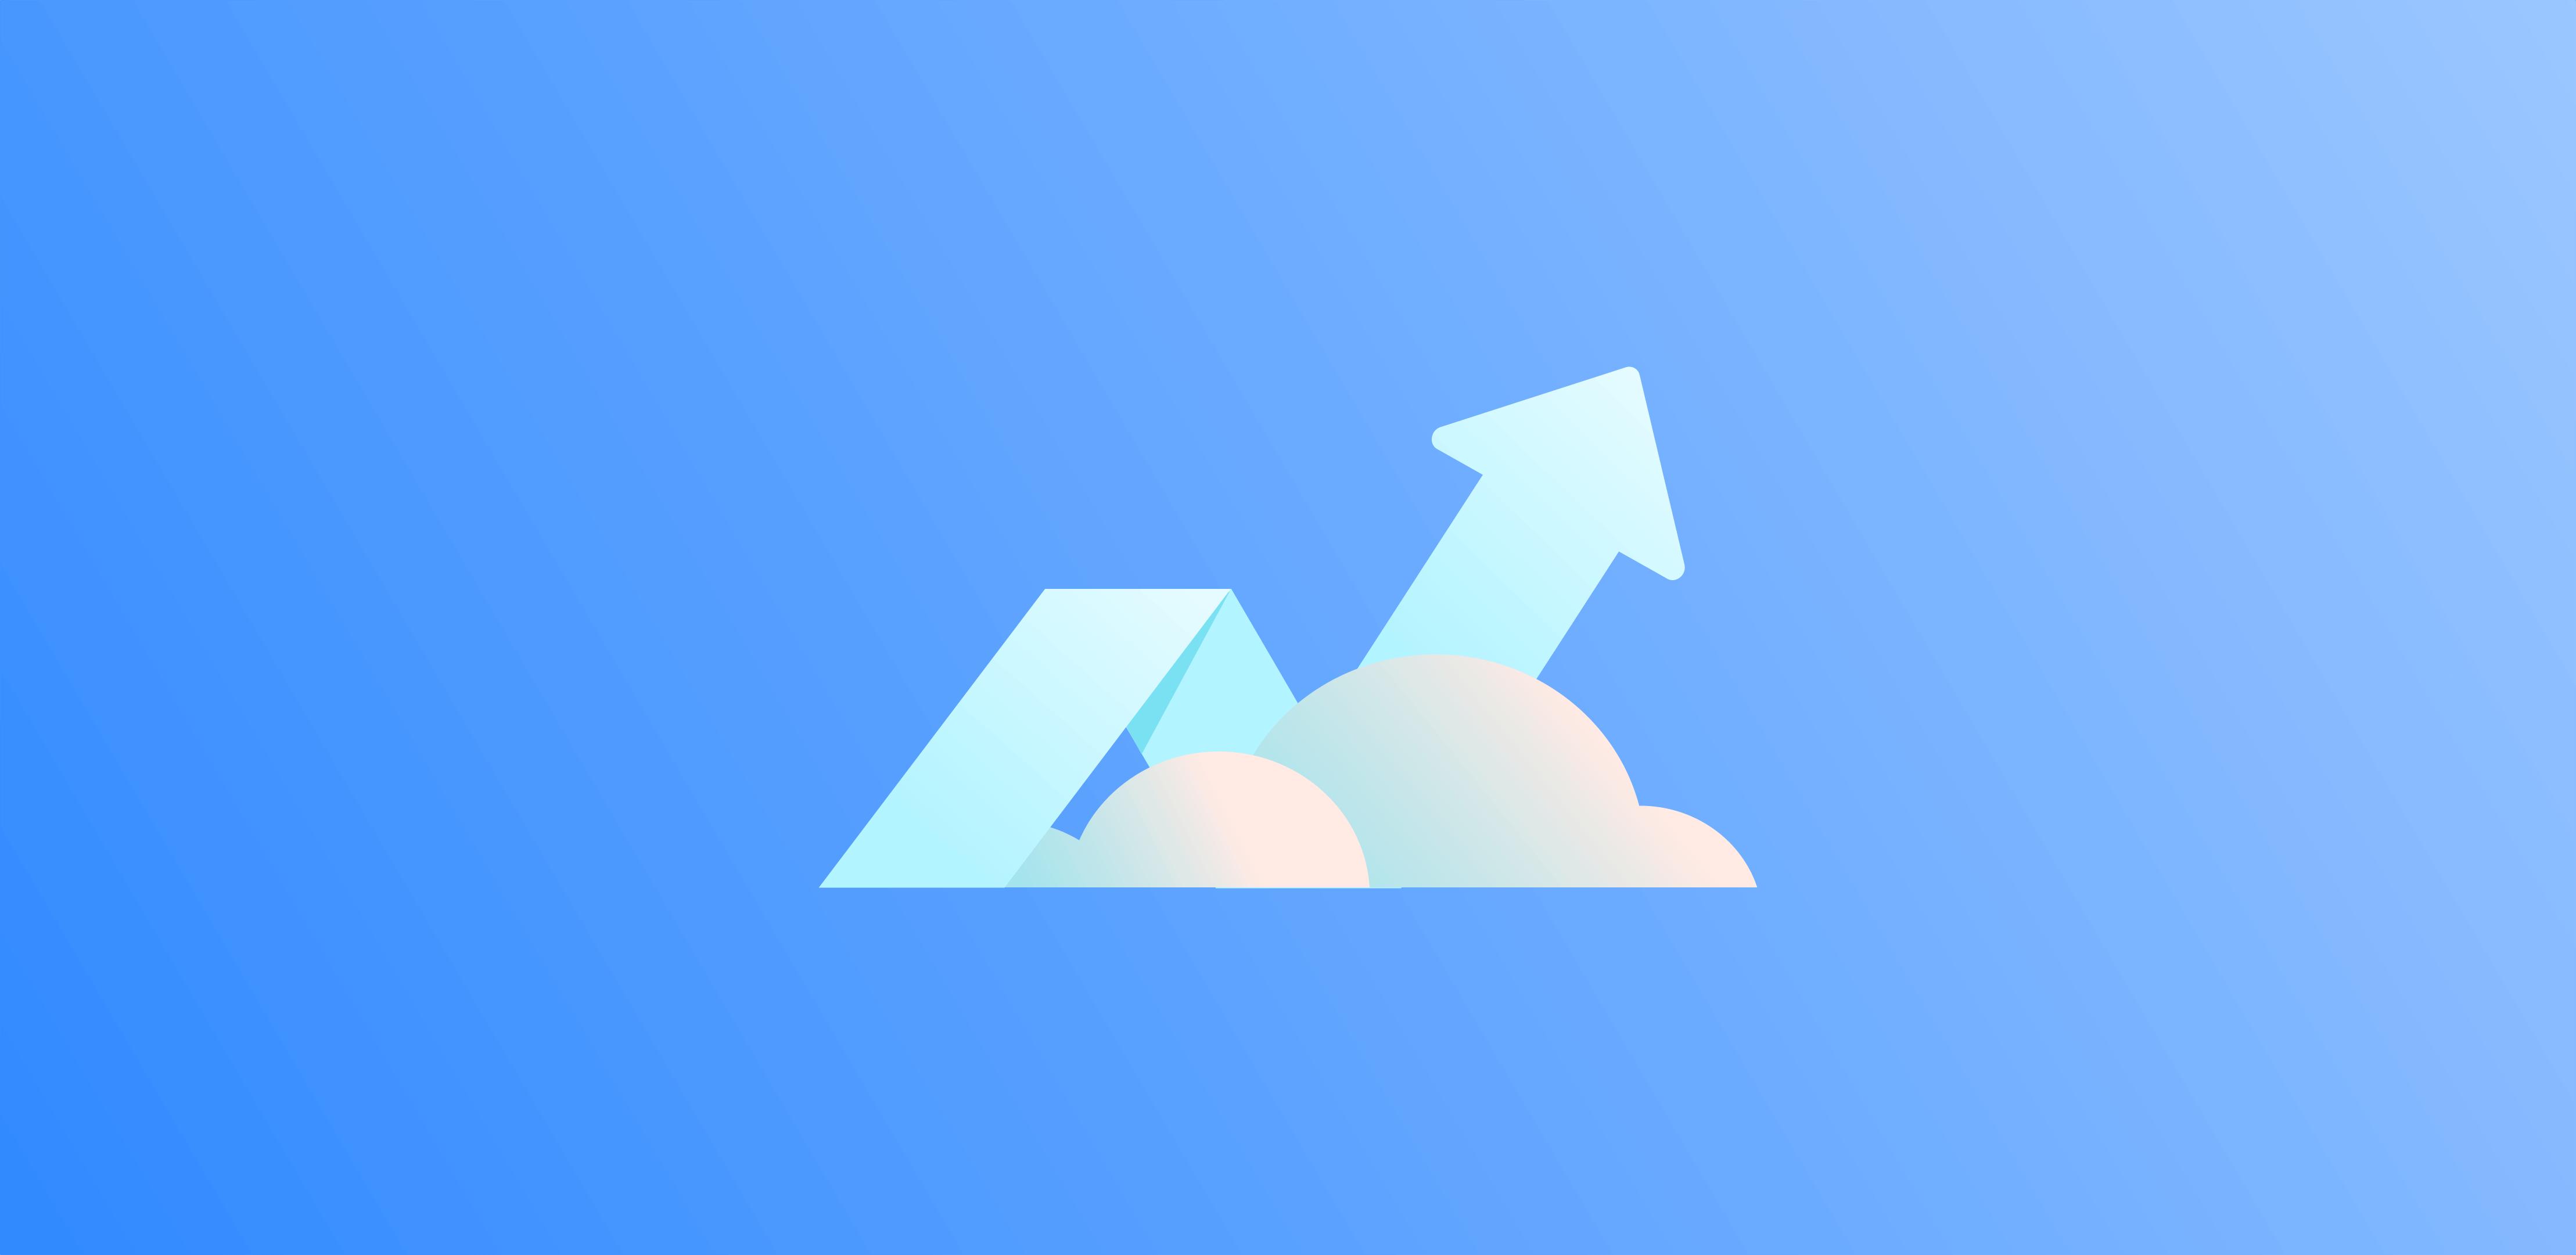 Arrows in the cloud